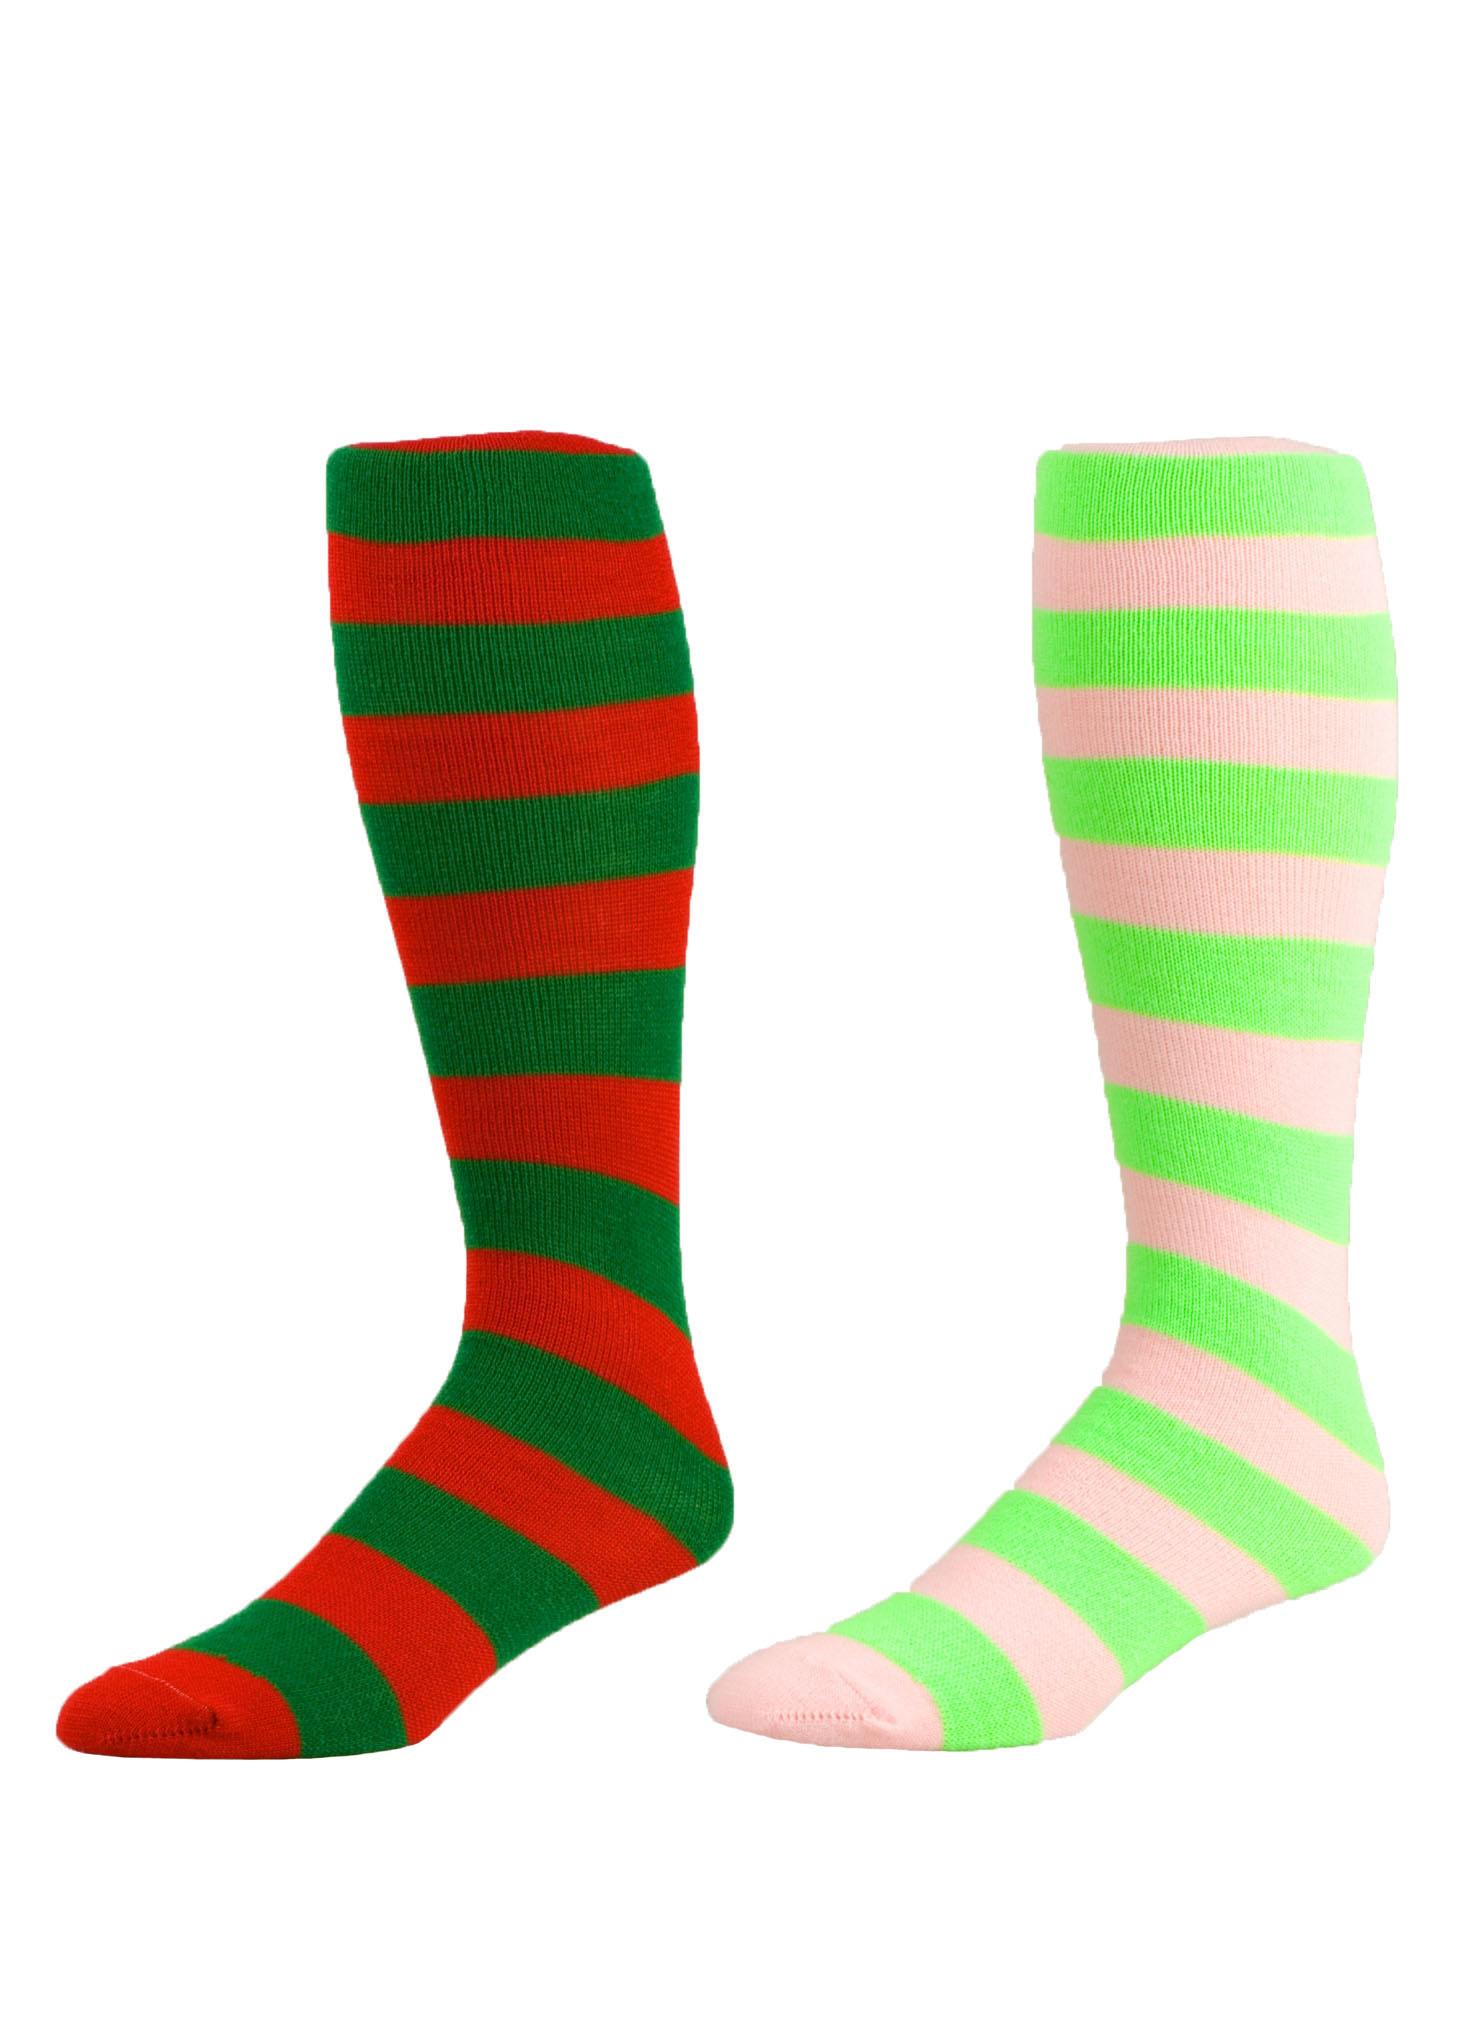 cheer dance_custom stripes knee high dance socks